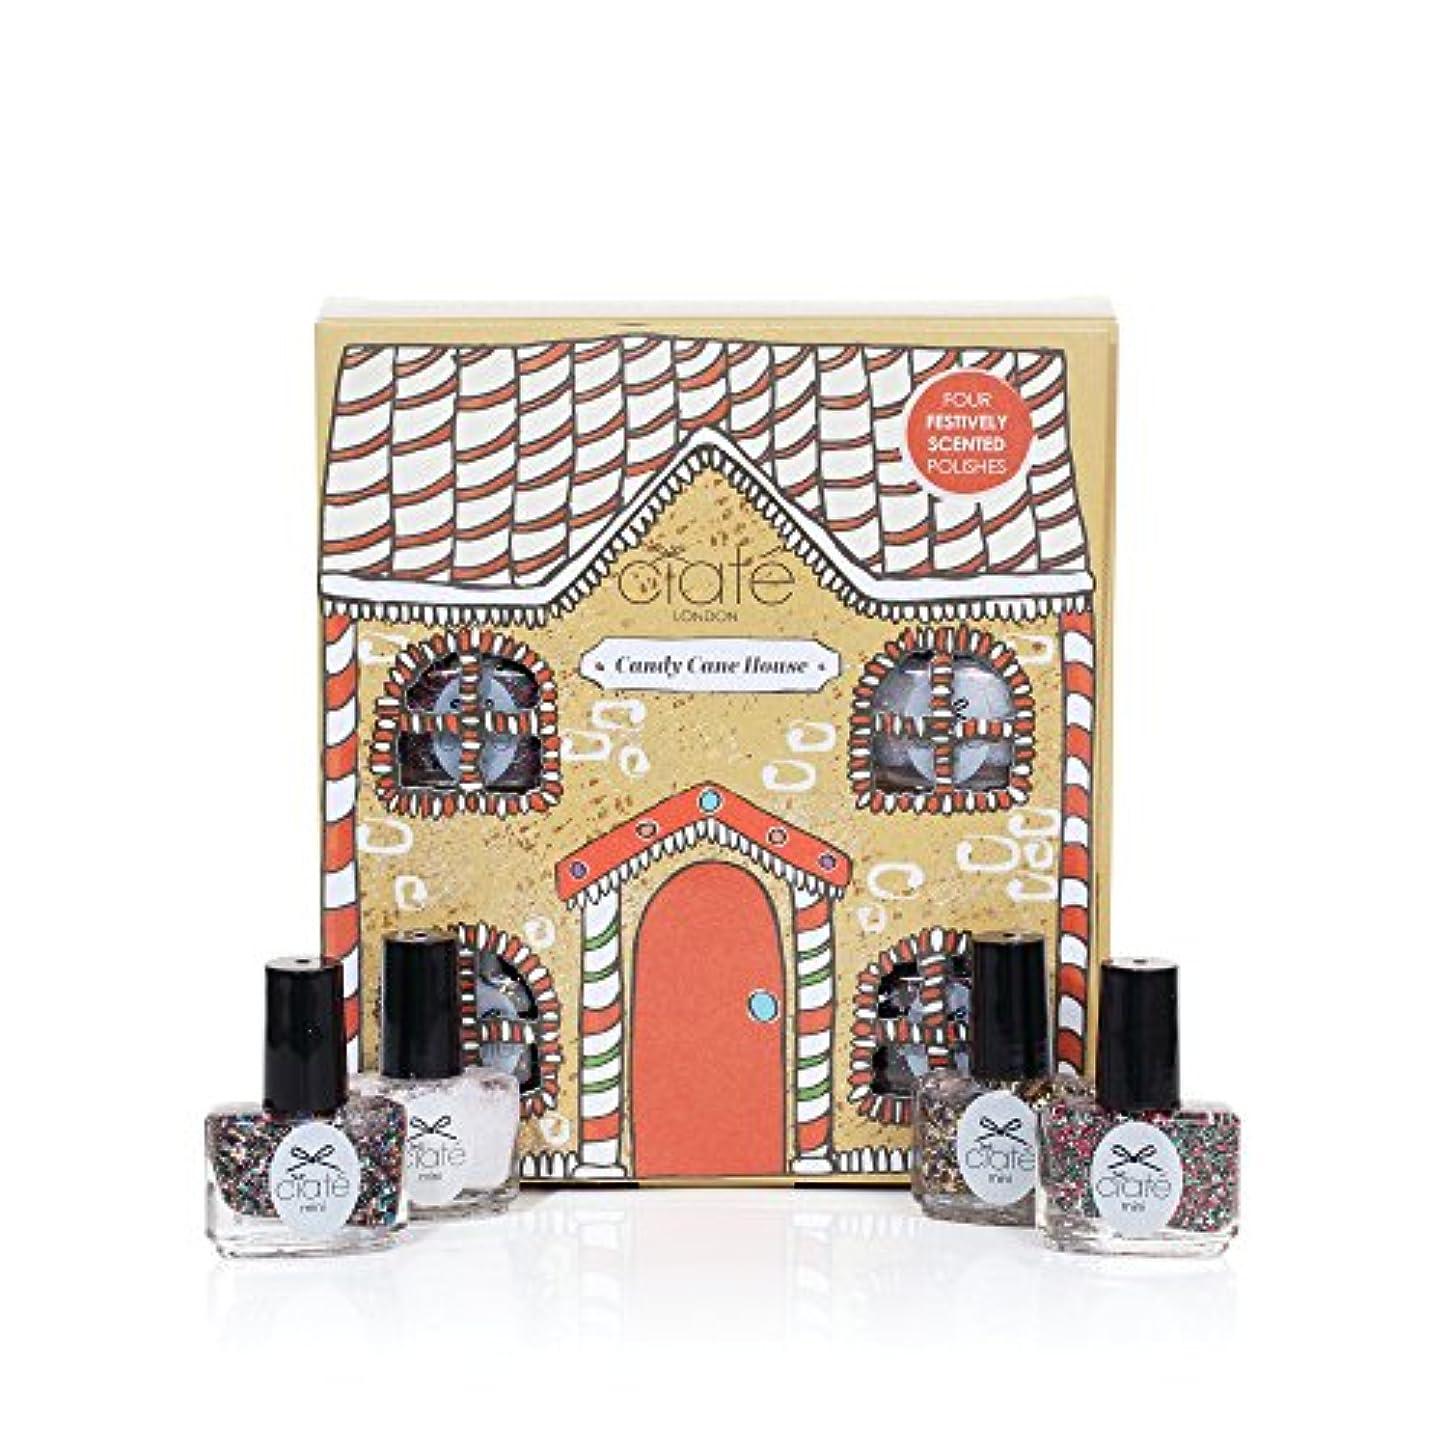 ストライプウルルオークションCiate London シアテロンドン キャンディーケイン ハウス Candy Cane House 香り付き ネイル ポリッシュ 5mL×4本入りセット